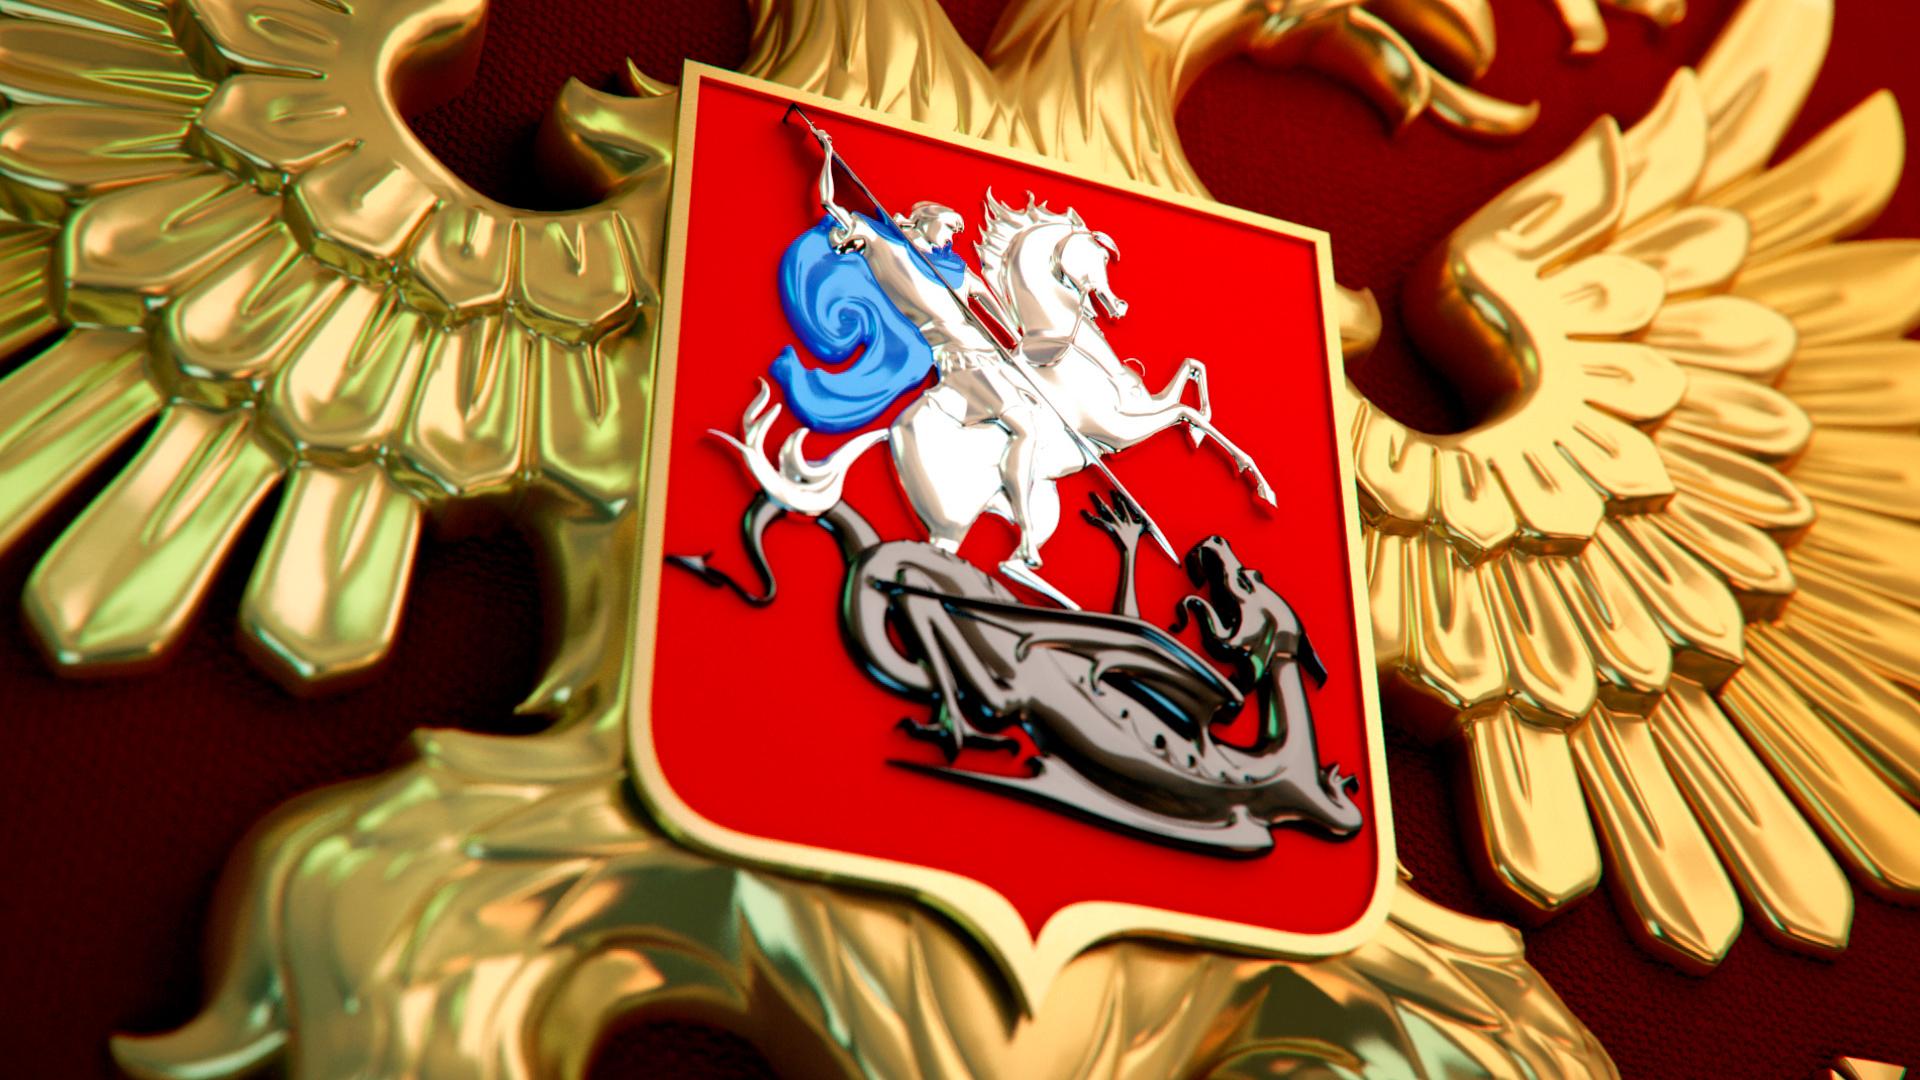 элементы российского герба